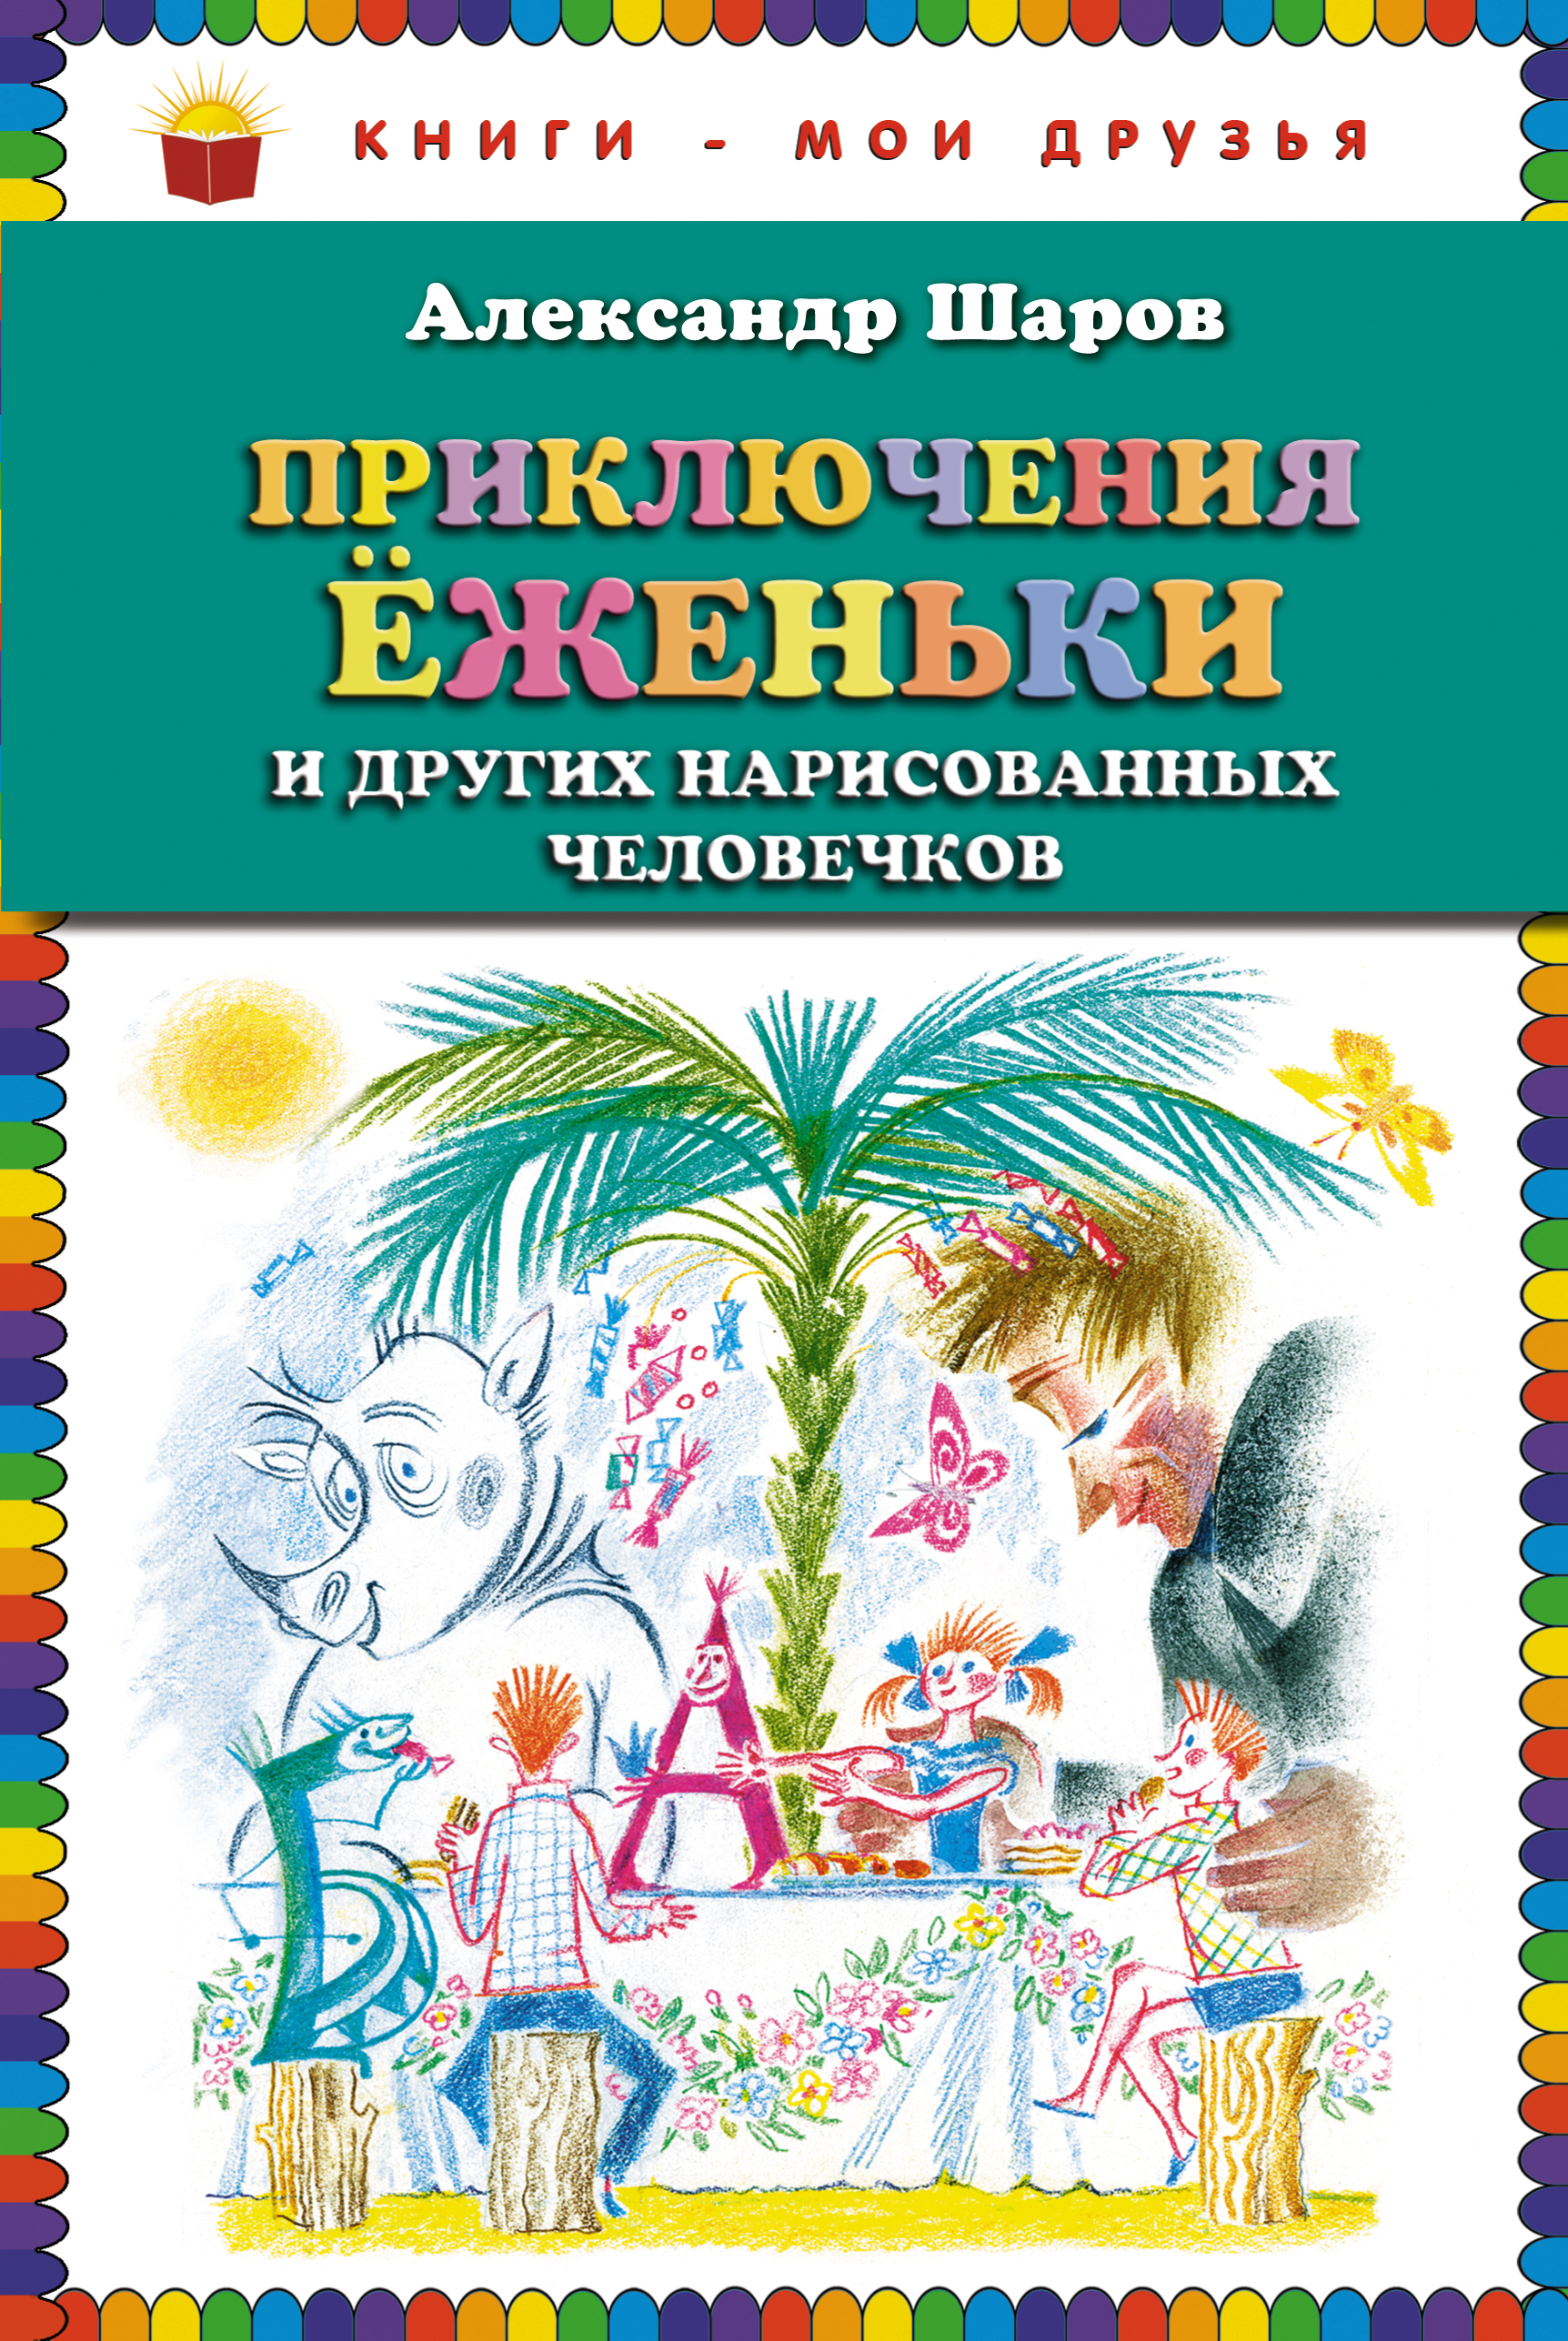 Приключения Ёженьки и других нарисованных человечков (ст.кор)